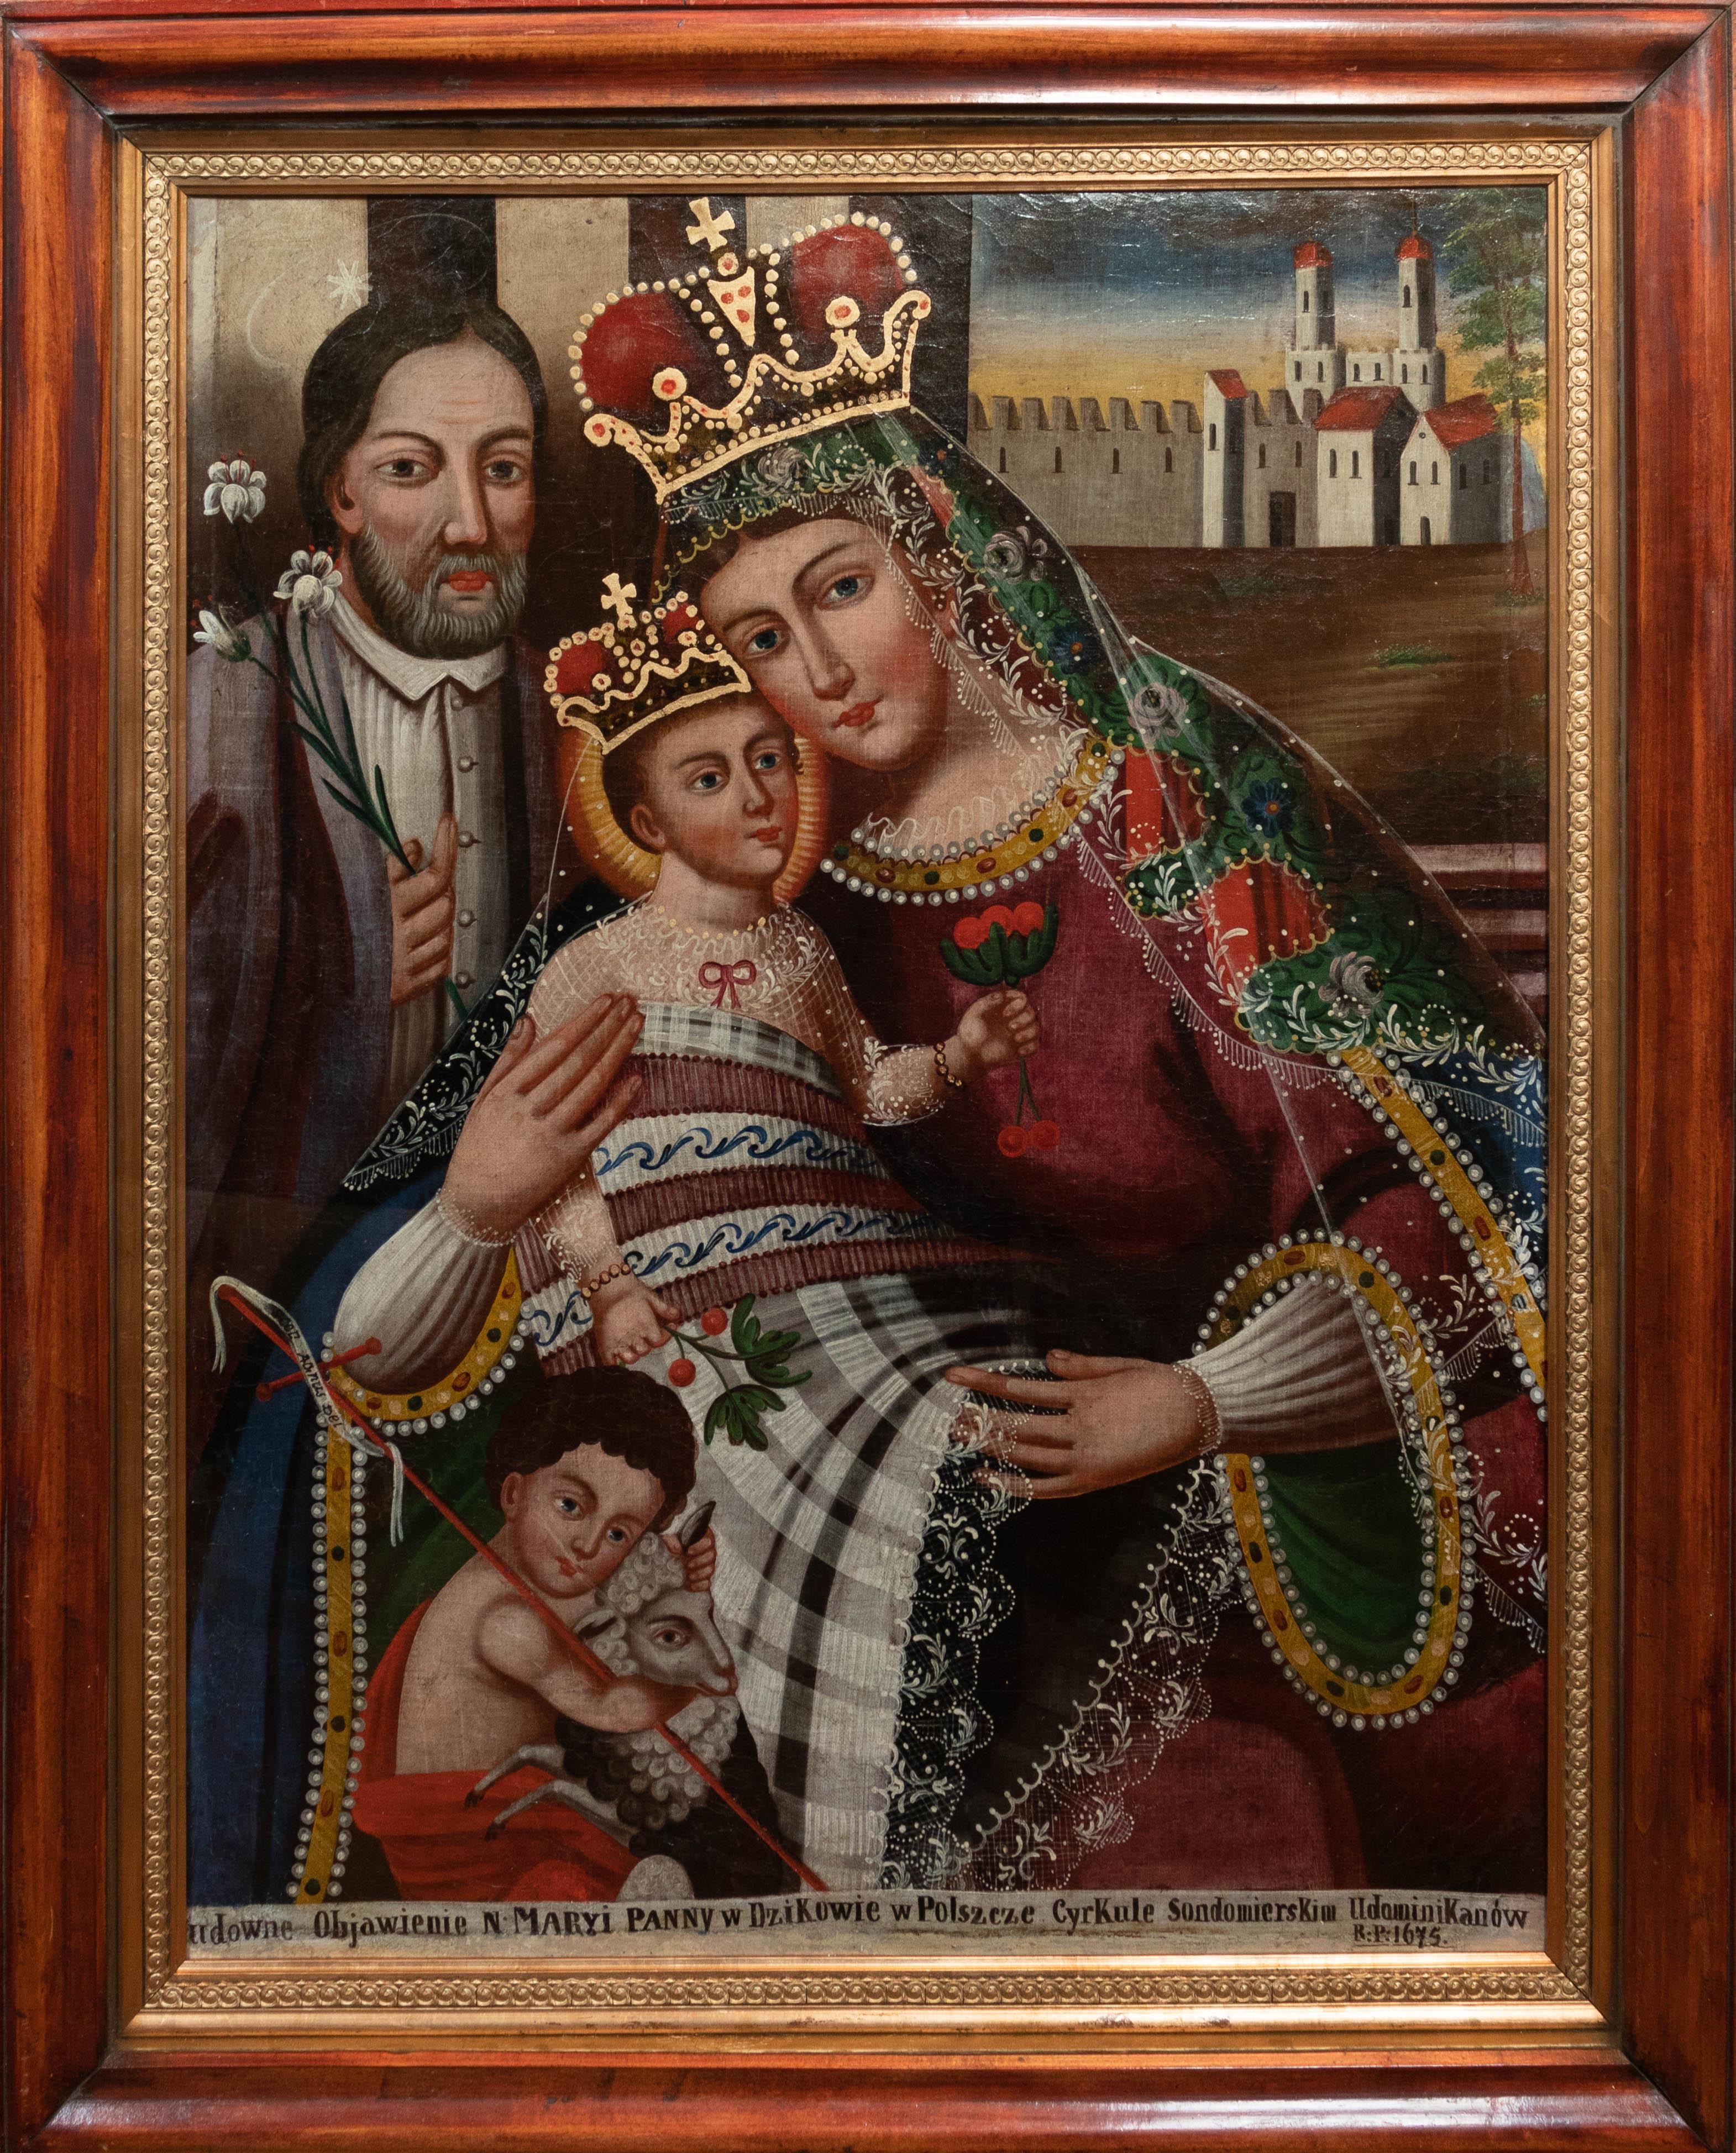 """Wincenty Chrząstkiewicz (1821-1889)? """"Matka Boska Dzikowska"""", źródło: archiwum autora"""